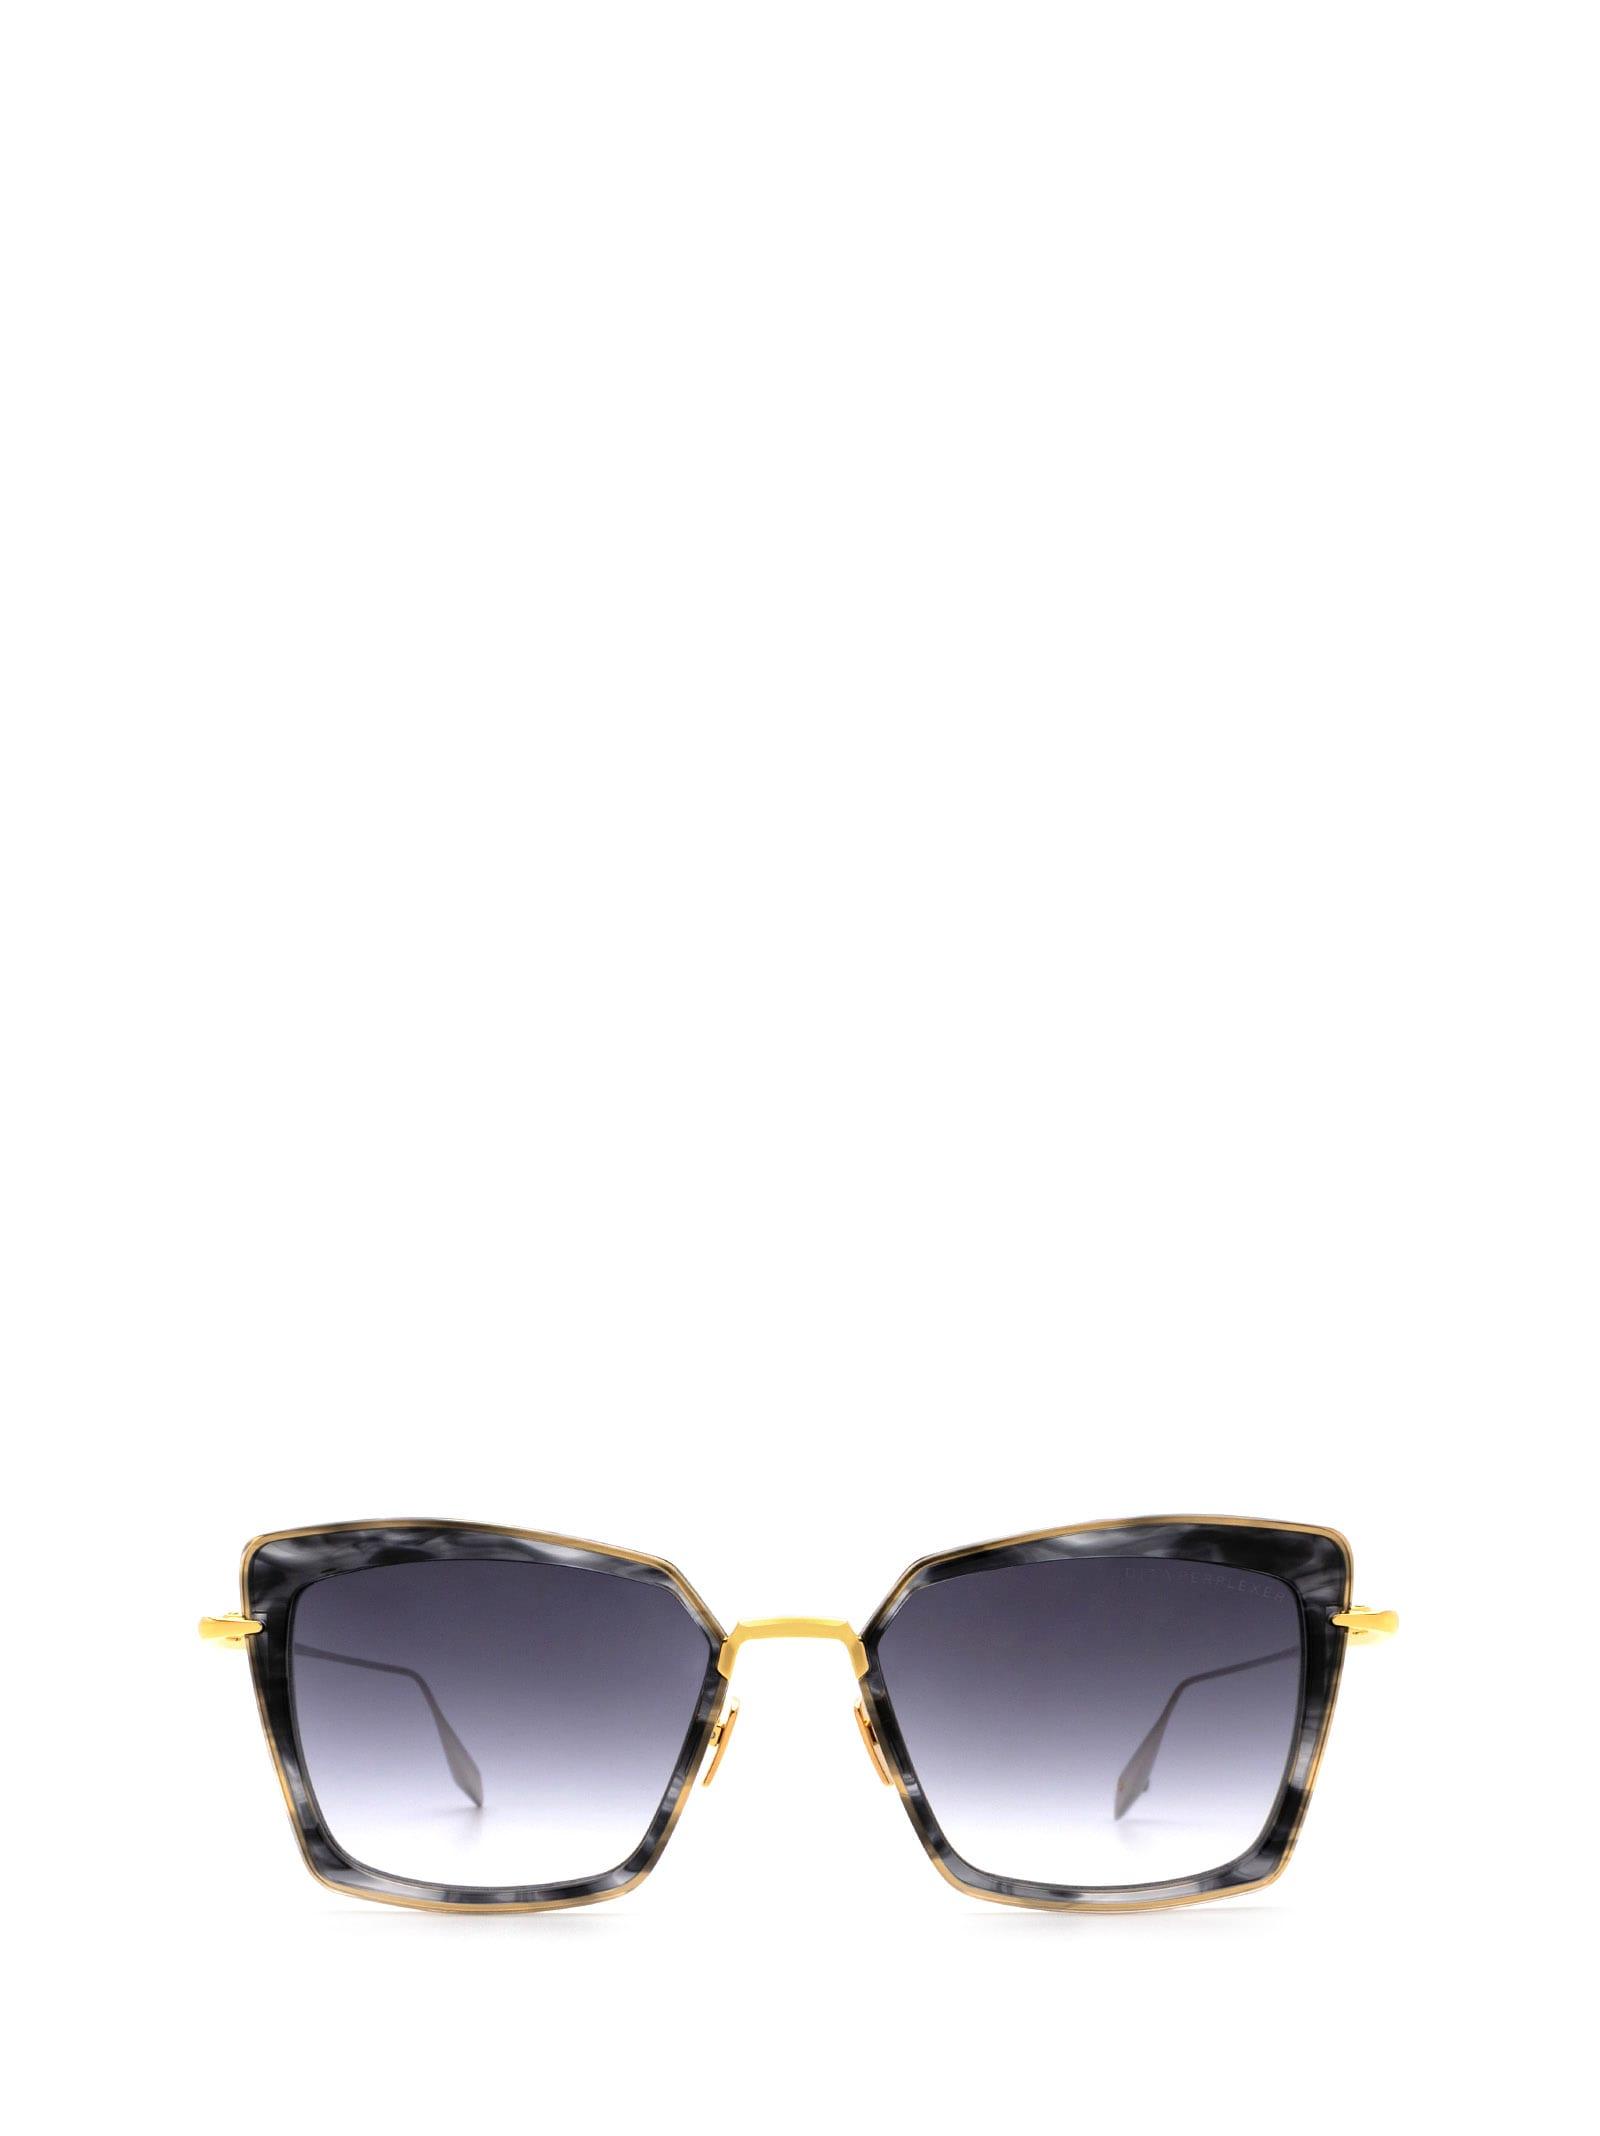 Dita Dita Dts405-a-01 Black Gold Sunglasses